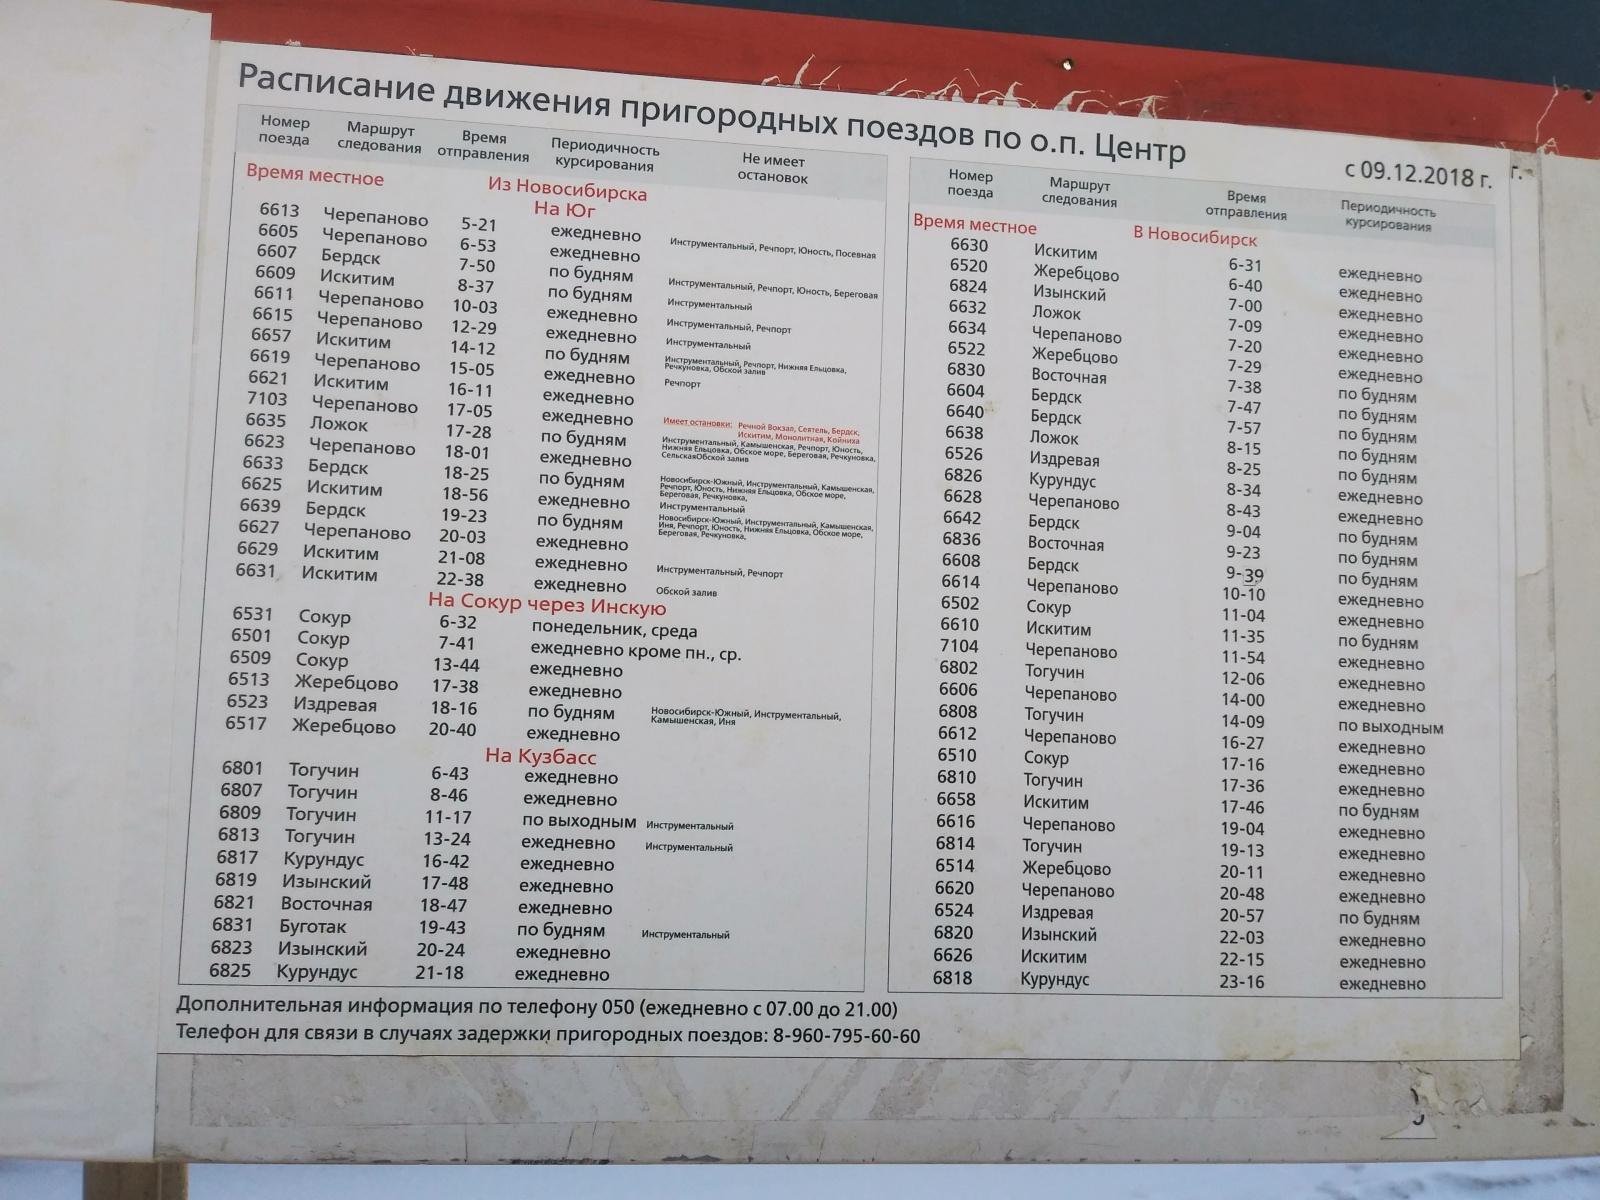 Особенности транспорта Универсиады и очень увлечённый Алексей - 9